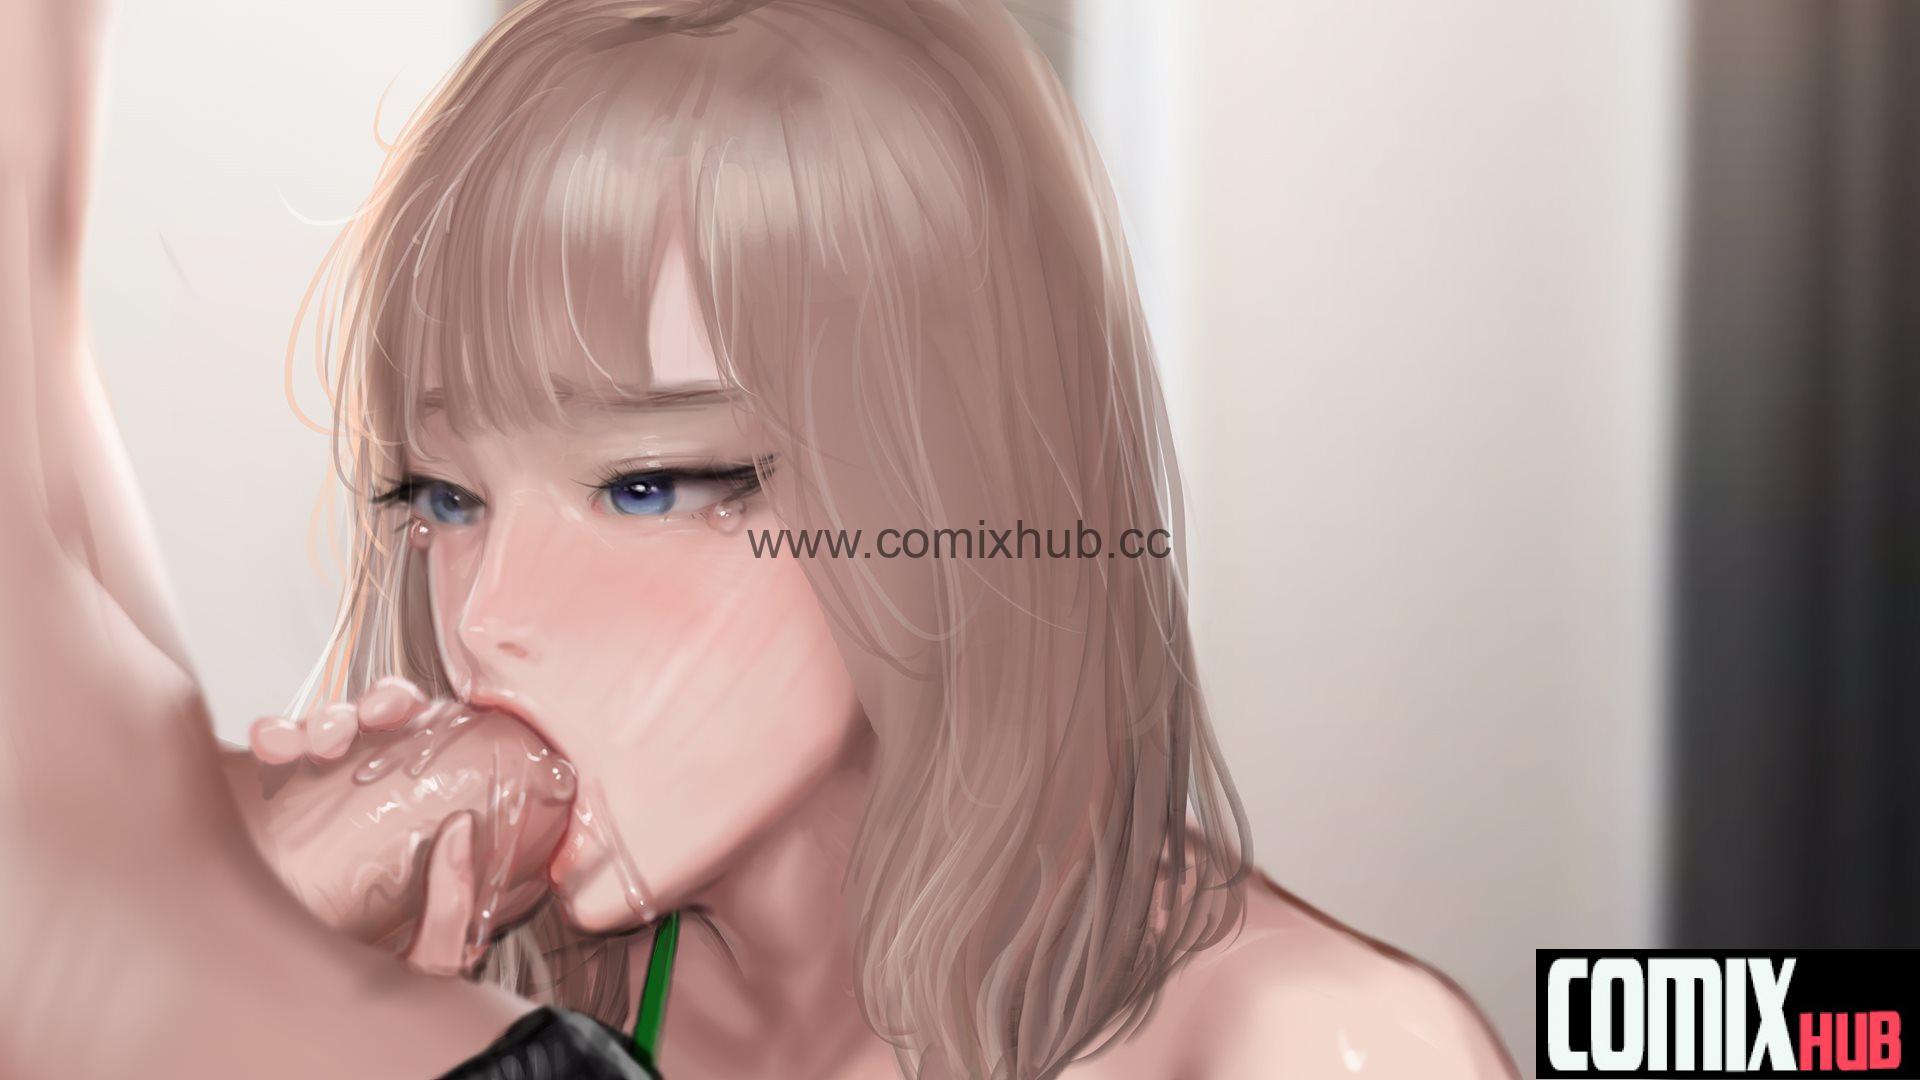 Секс с косплей девушкой в ее комнате, часть 1 Порно комиксы, Большие члены, Минет, Хентай манга, манхва